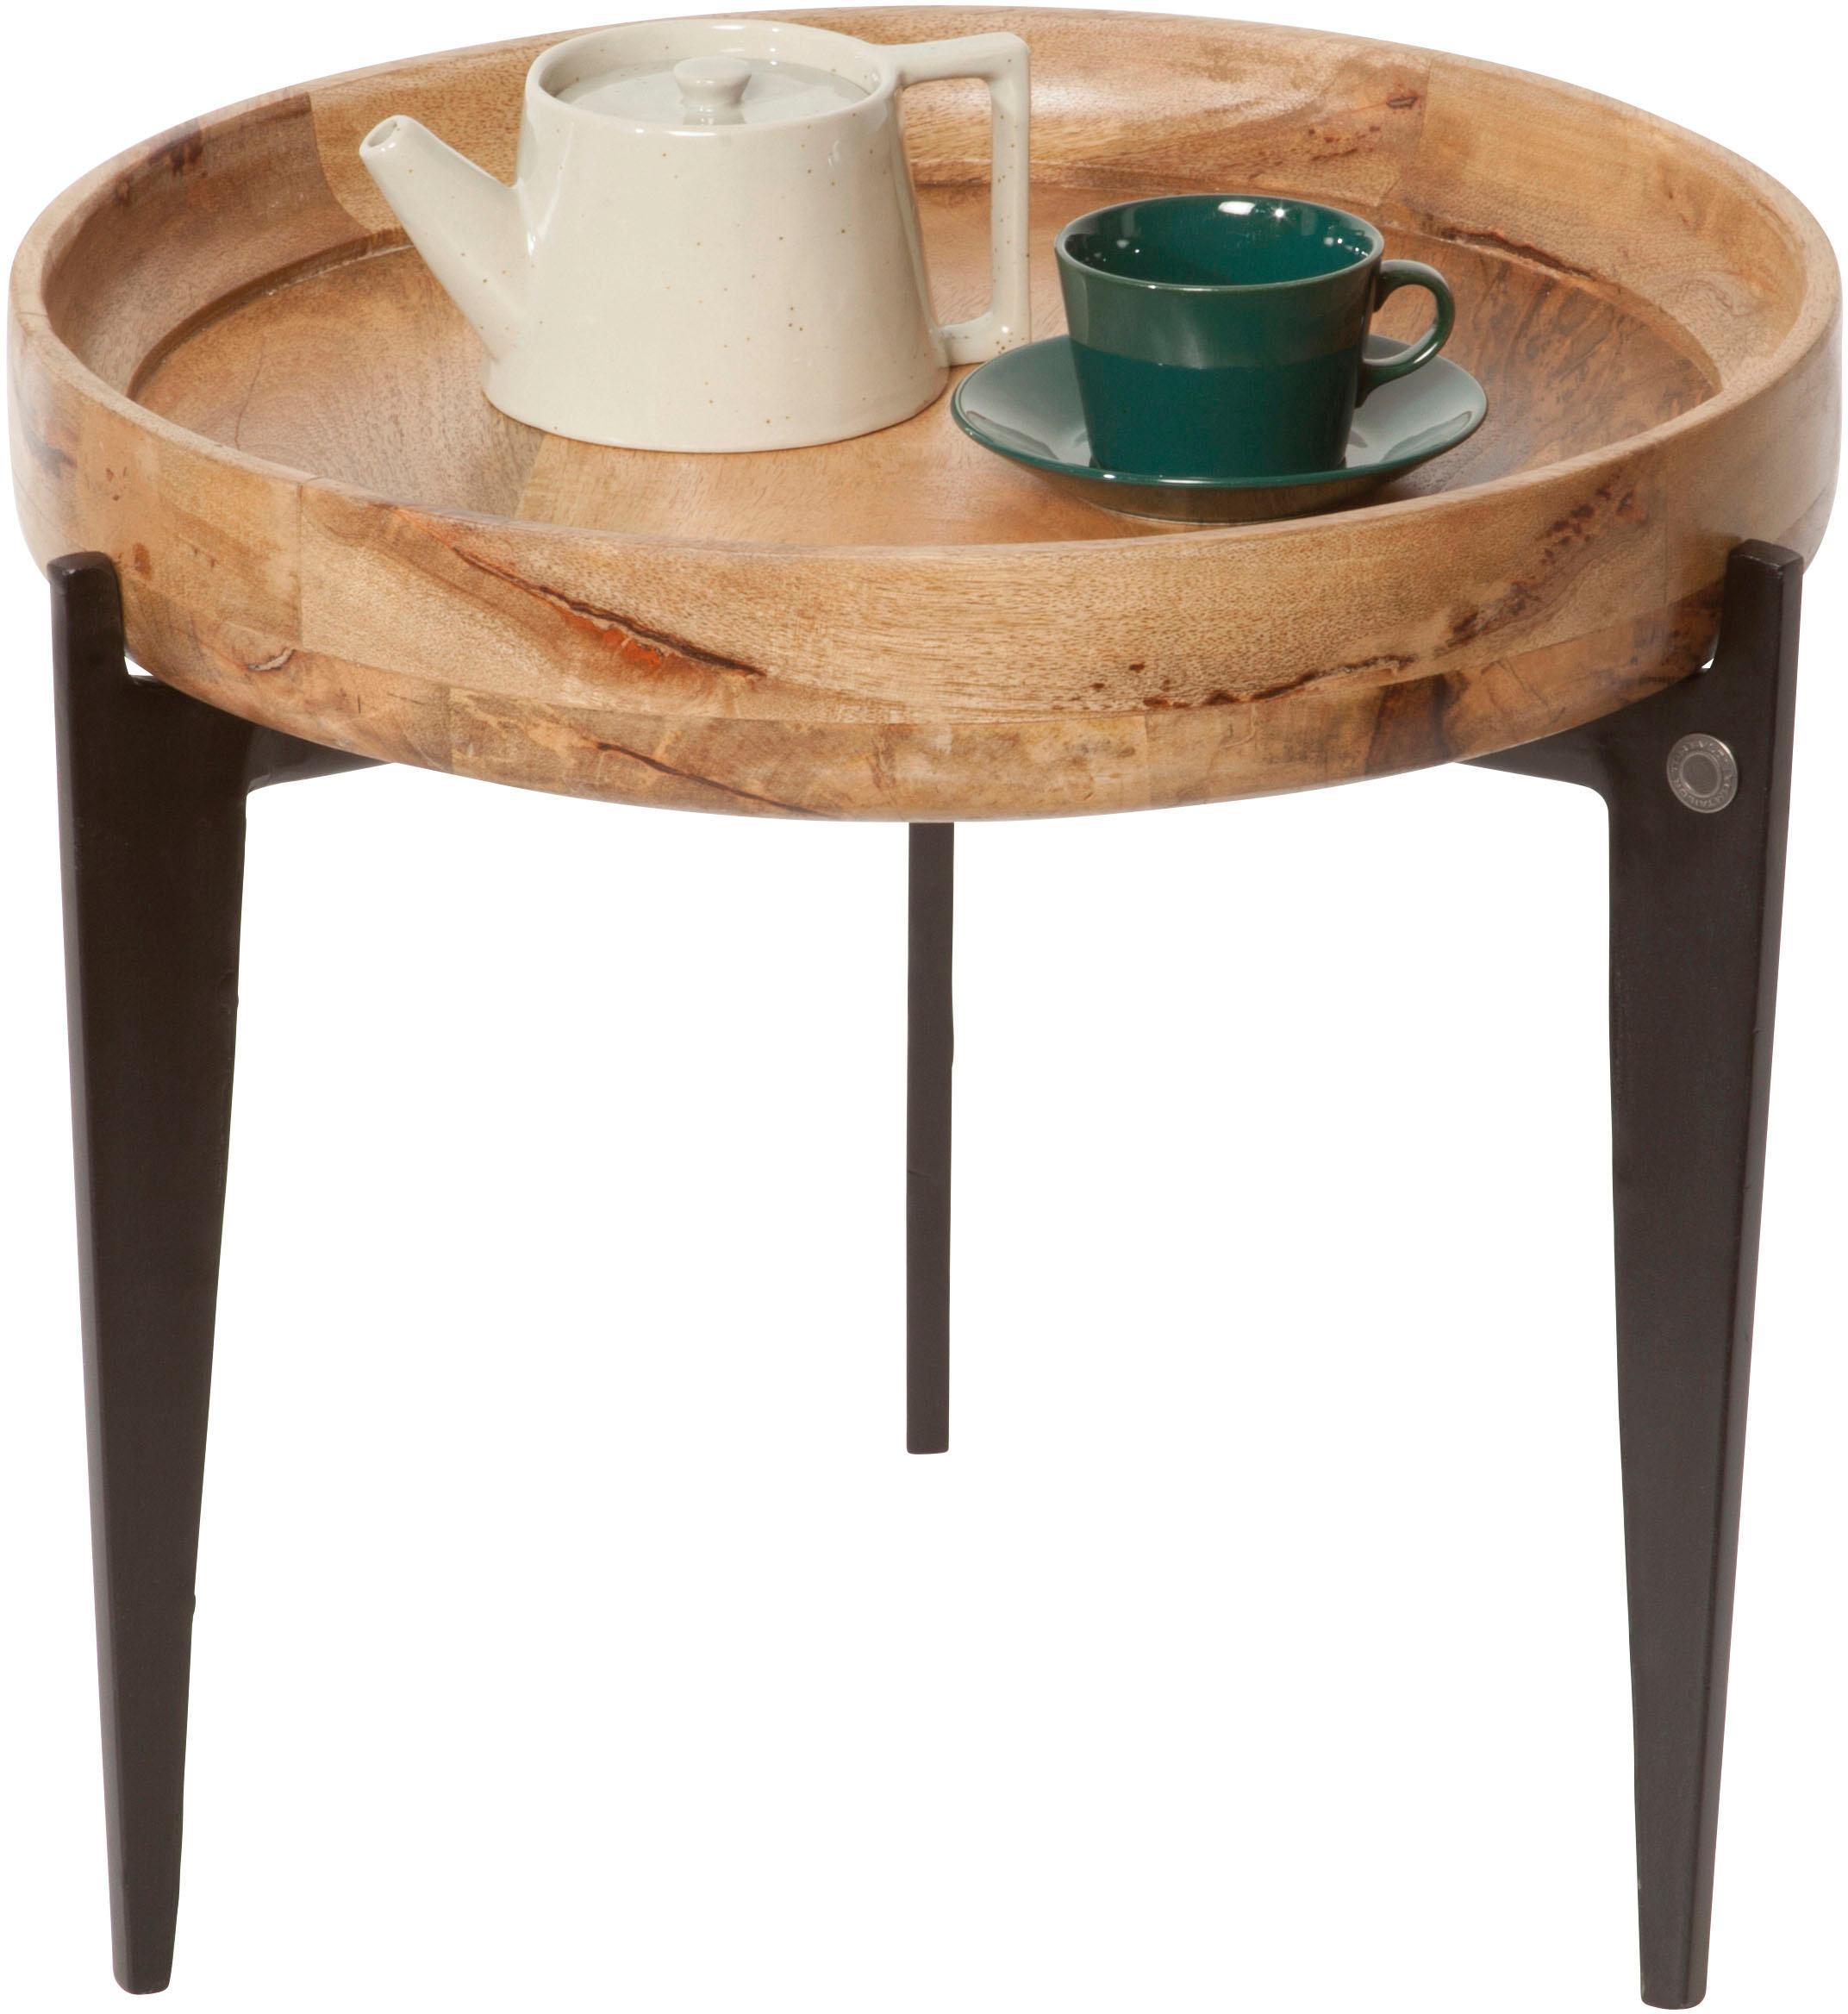 TOM TAILOR Beistelltisch T-TRAY TABLE SMALL Wohnen/Möbel/Tische/Beistelltische